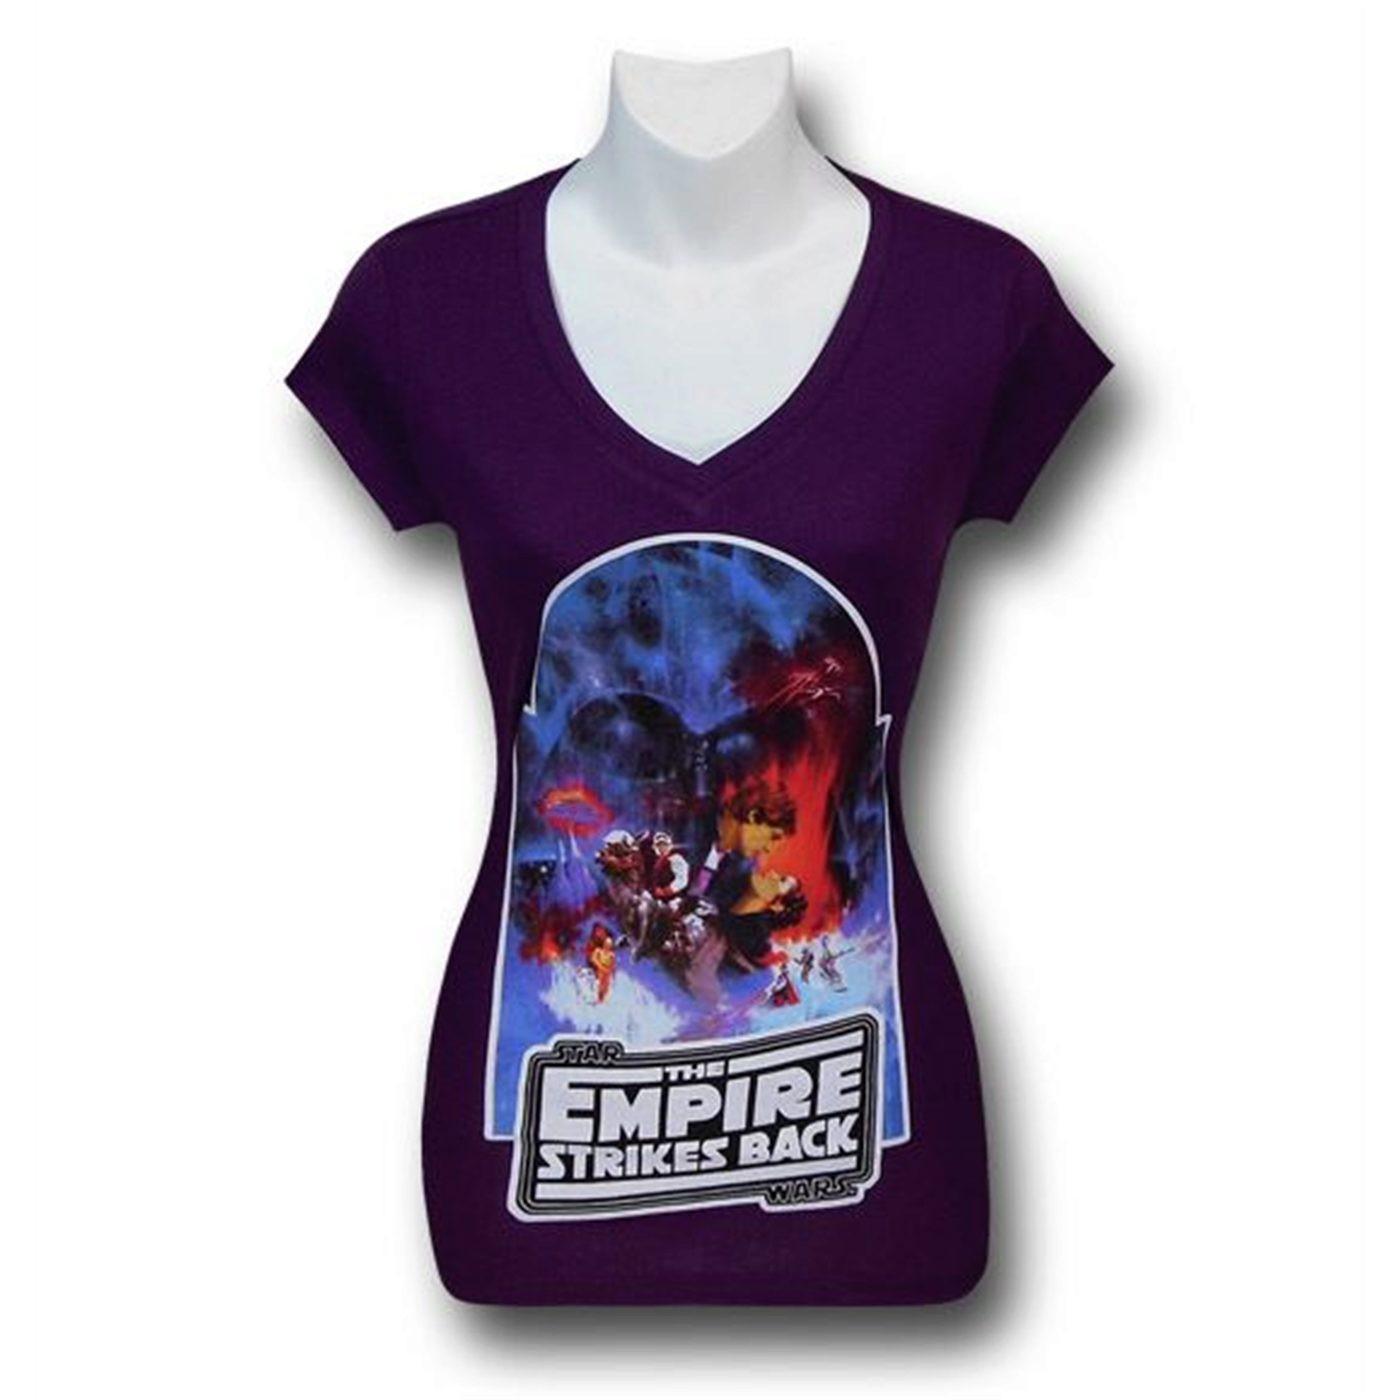 Star Wars Empire Strikes Back Women's V-Neck T-Shirt